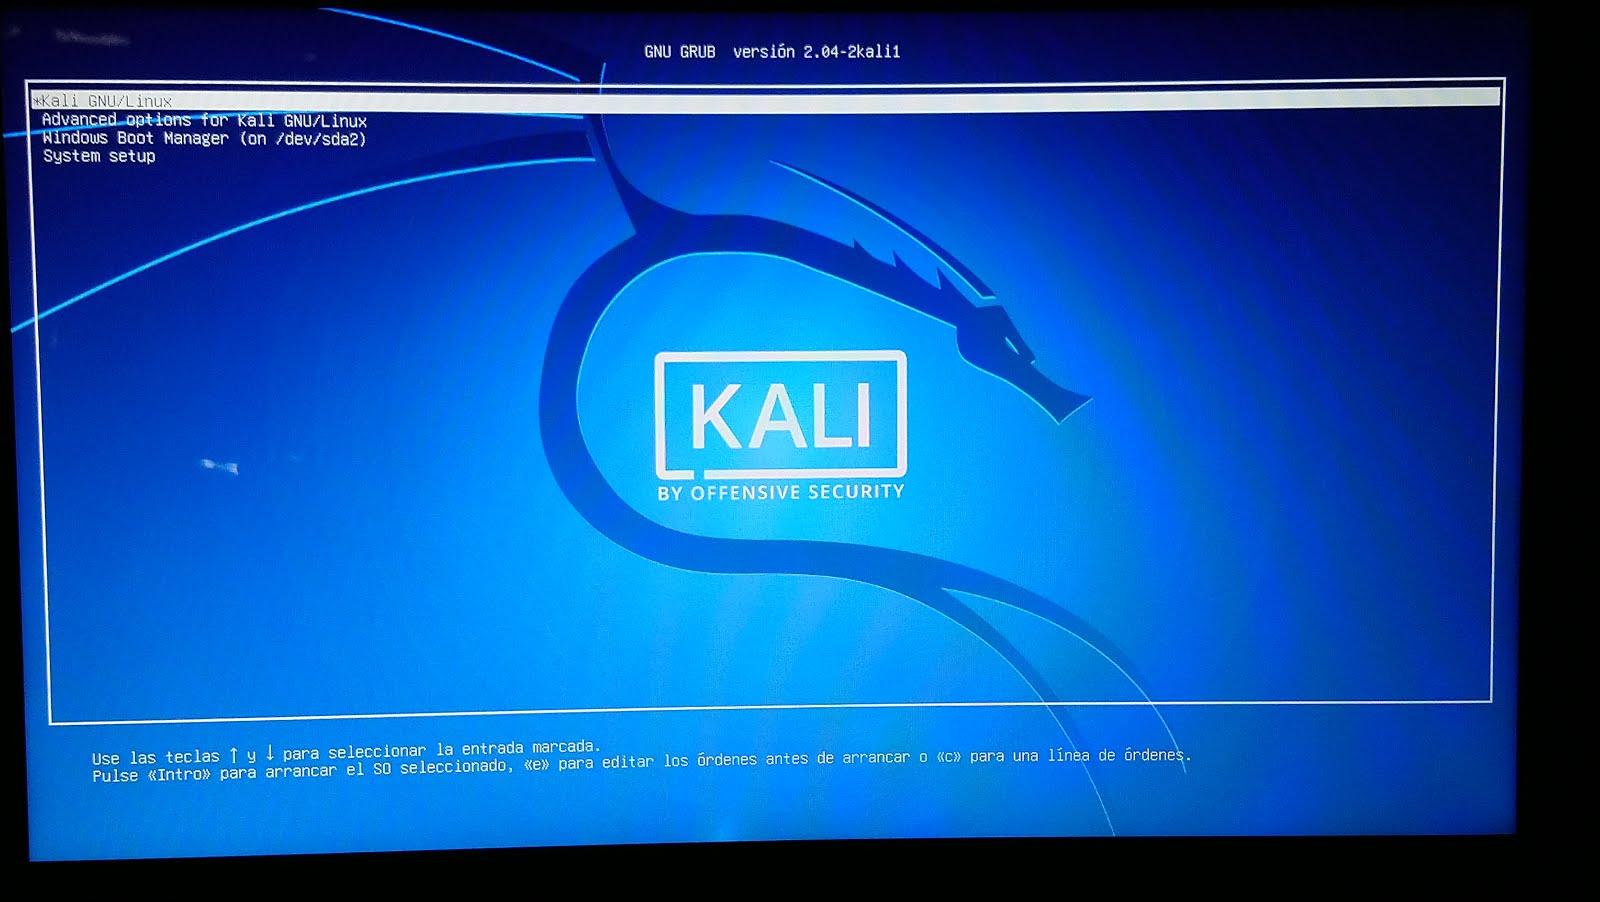 GNU GRUB de KALI LINUX